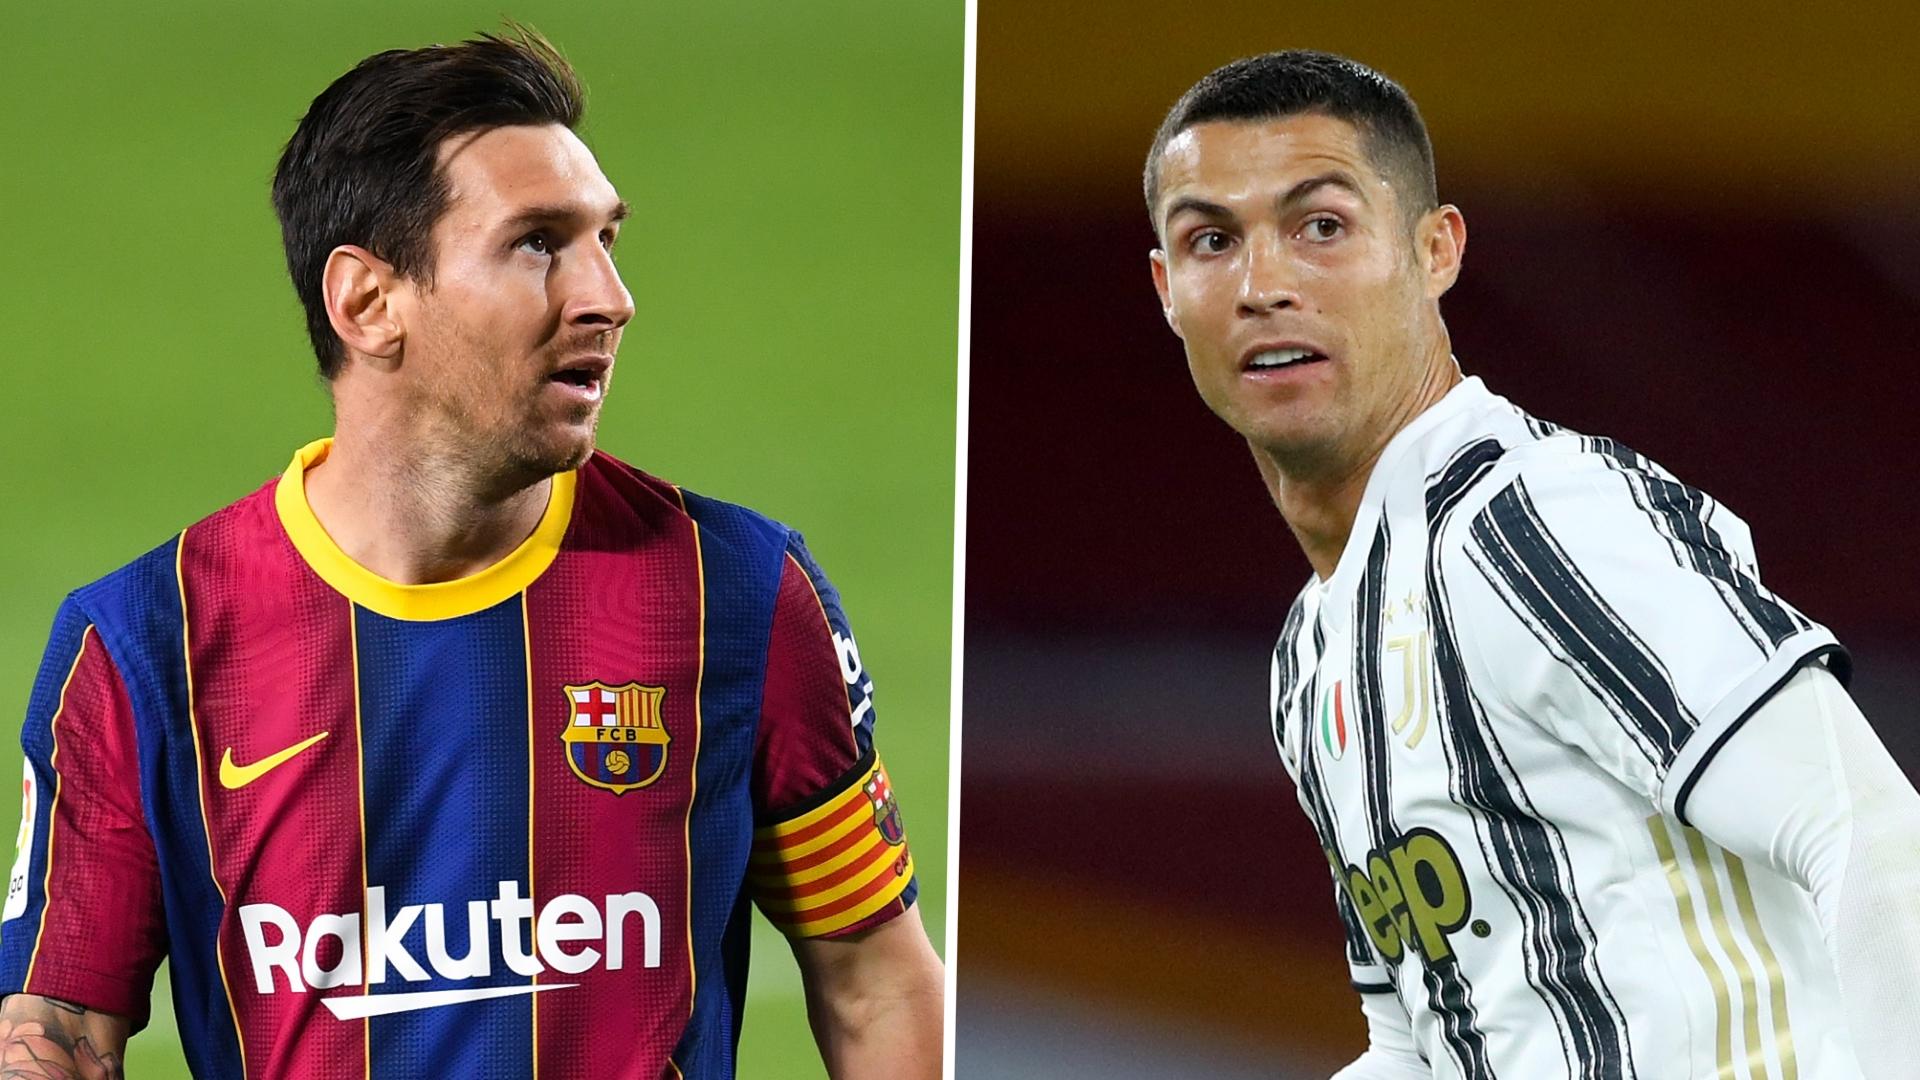 Puede Jugar Cristiano Ronaldo Ante El Barcelona De Messi En Champions League Tras Haber Dado Positivo Por Covid 19 Goal Com